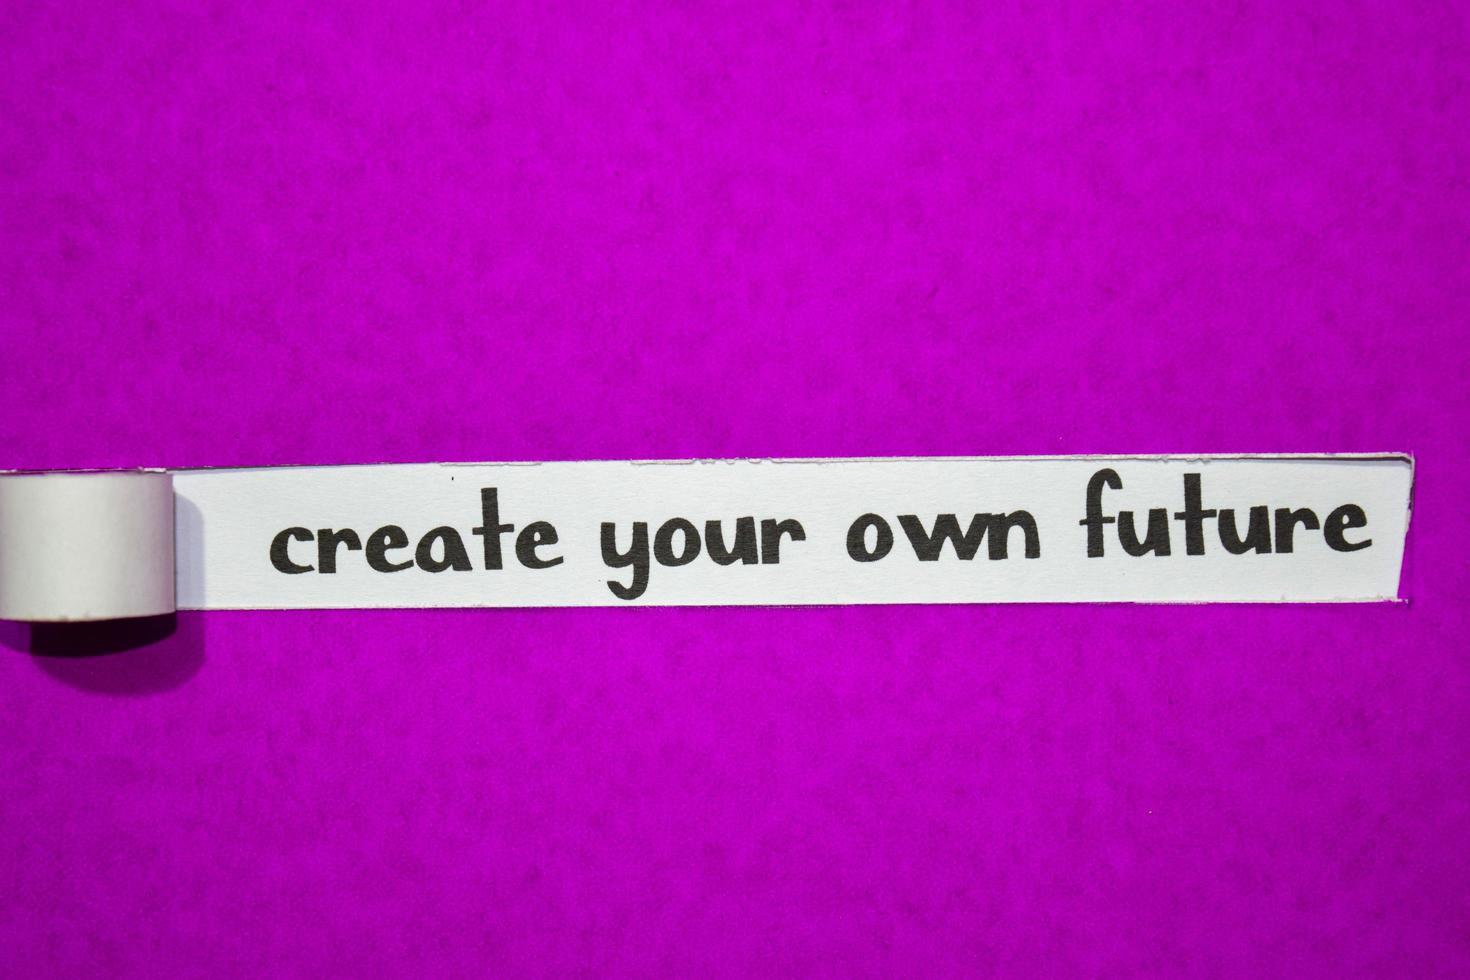 maak je eigen toekomstige tekst, inspiratie, motivatie en bedrijfsconcept op paars gescheurd papier foto